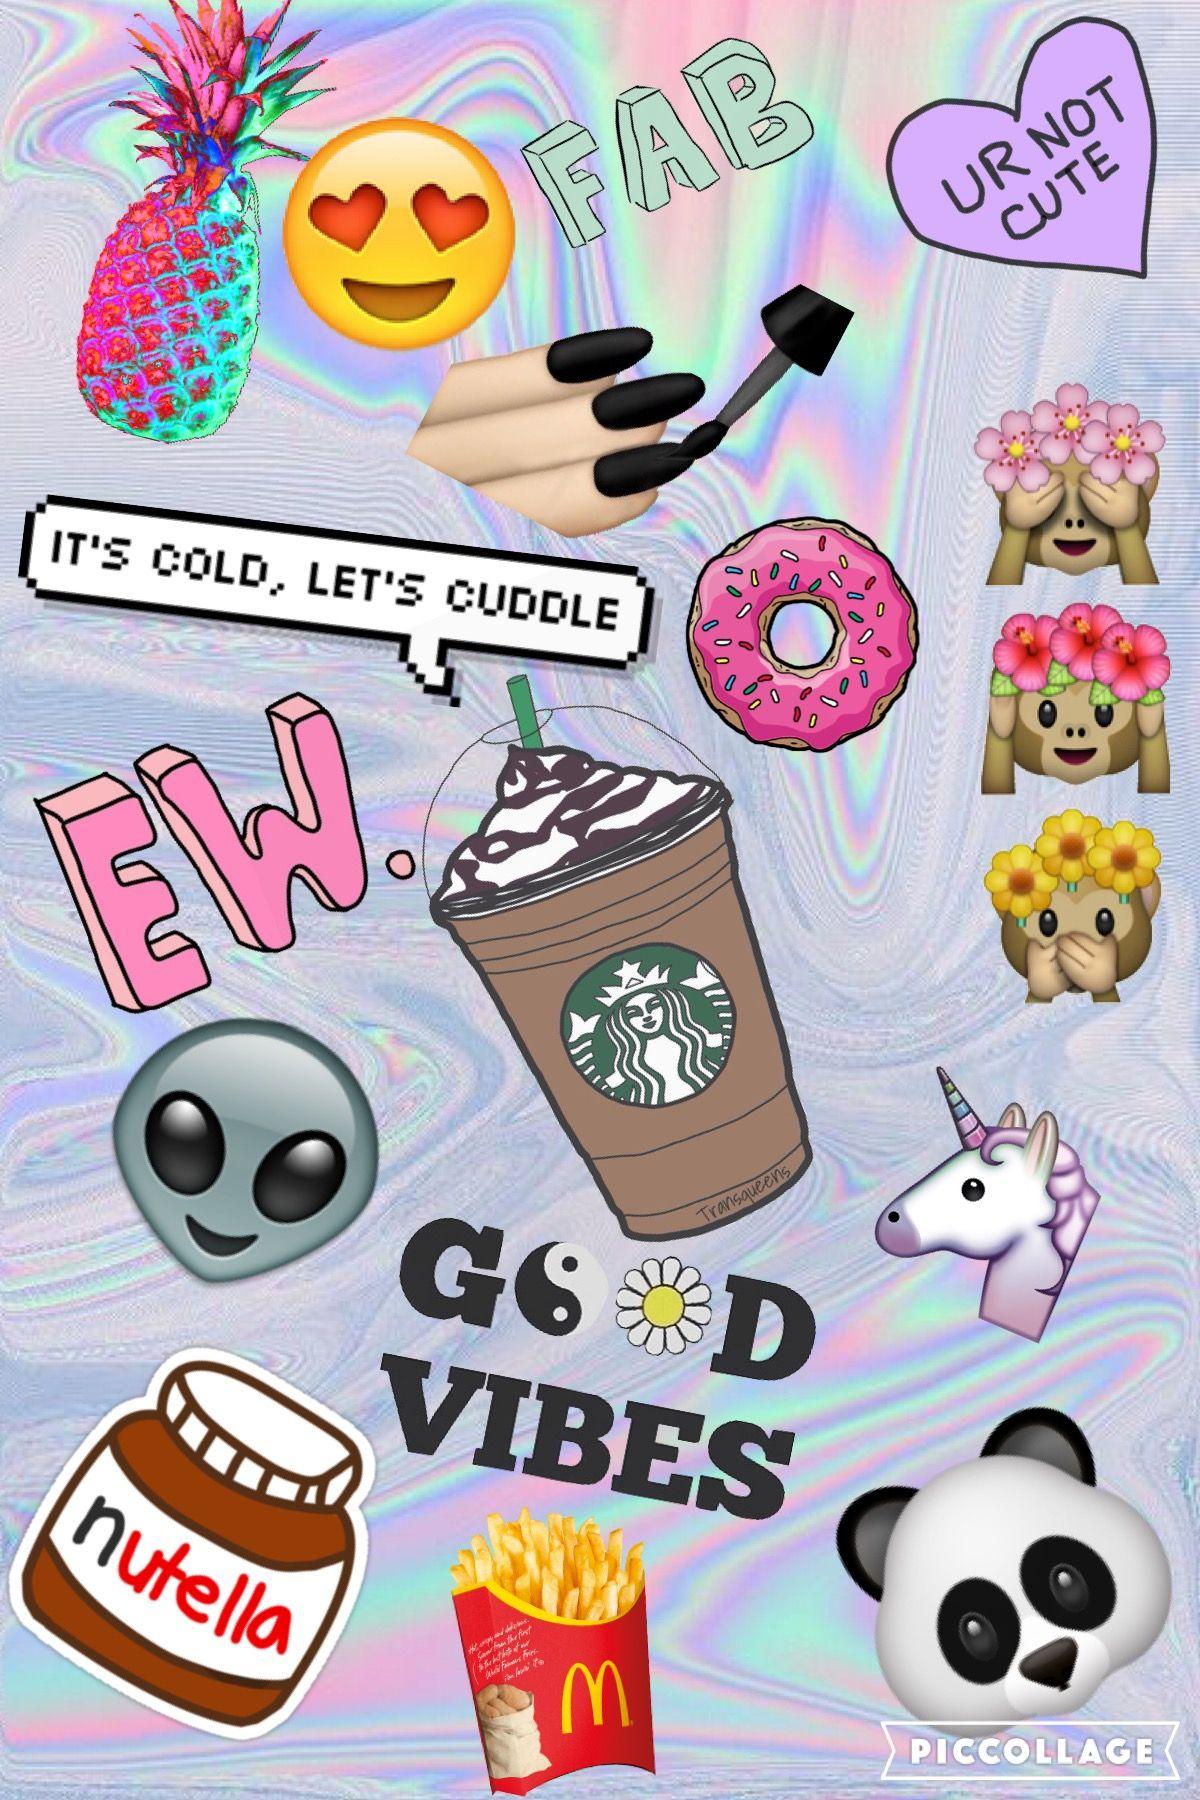 Wallpaper Tumblrwallpaper Starbucks Hipster Iphone Lockscreen Alien Summer Pineappl Starbucks Wallpaper Pink Wallpaper Iphone Iphone Wallpaper Vintage